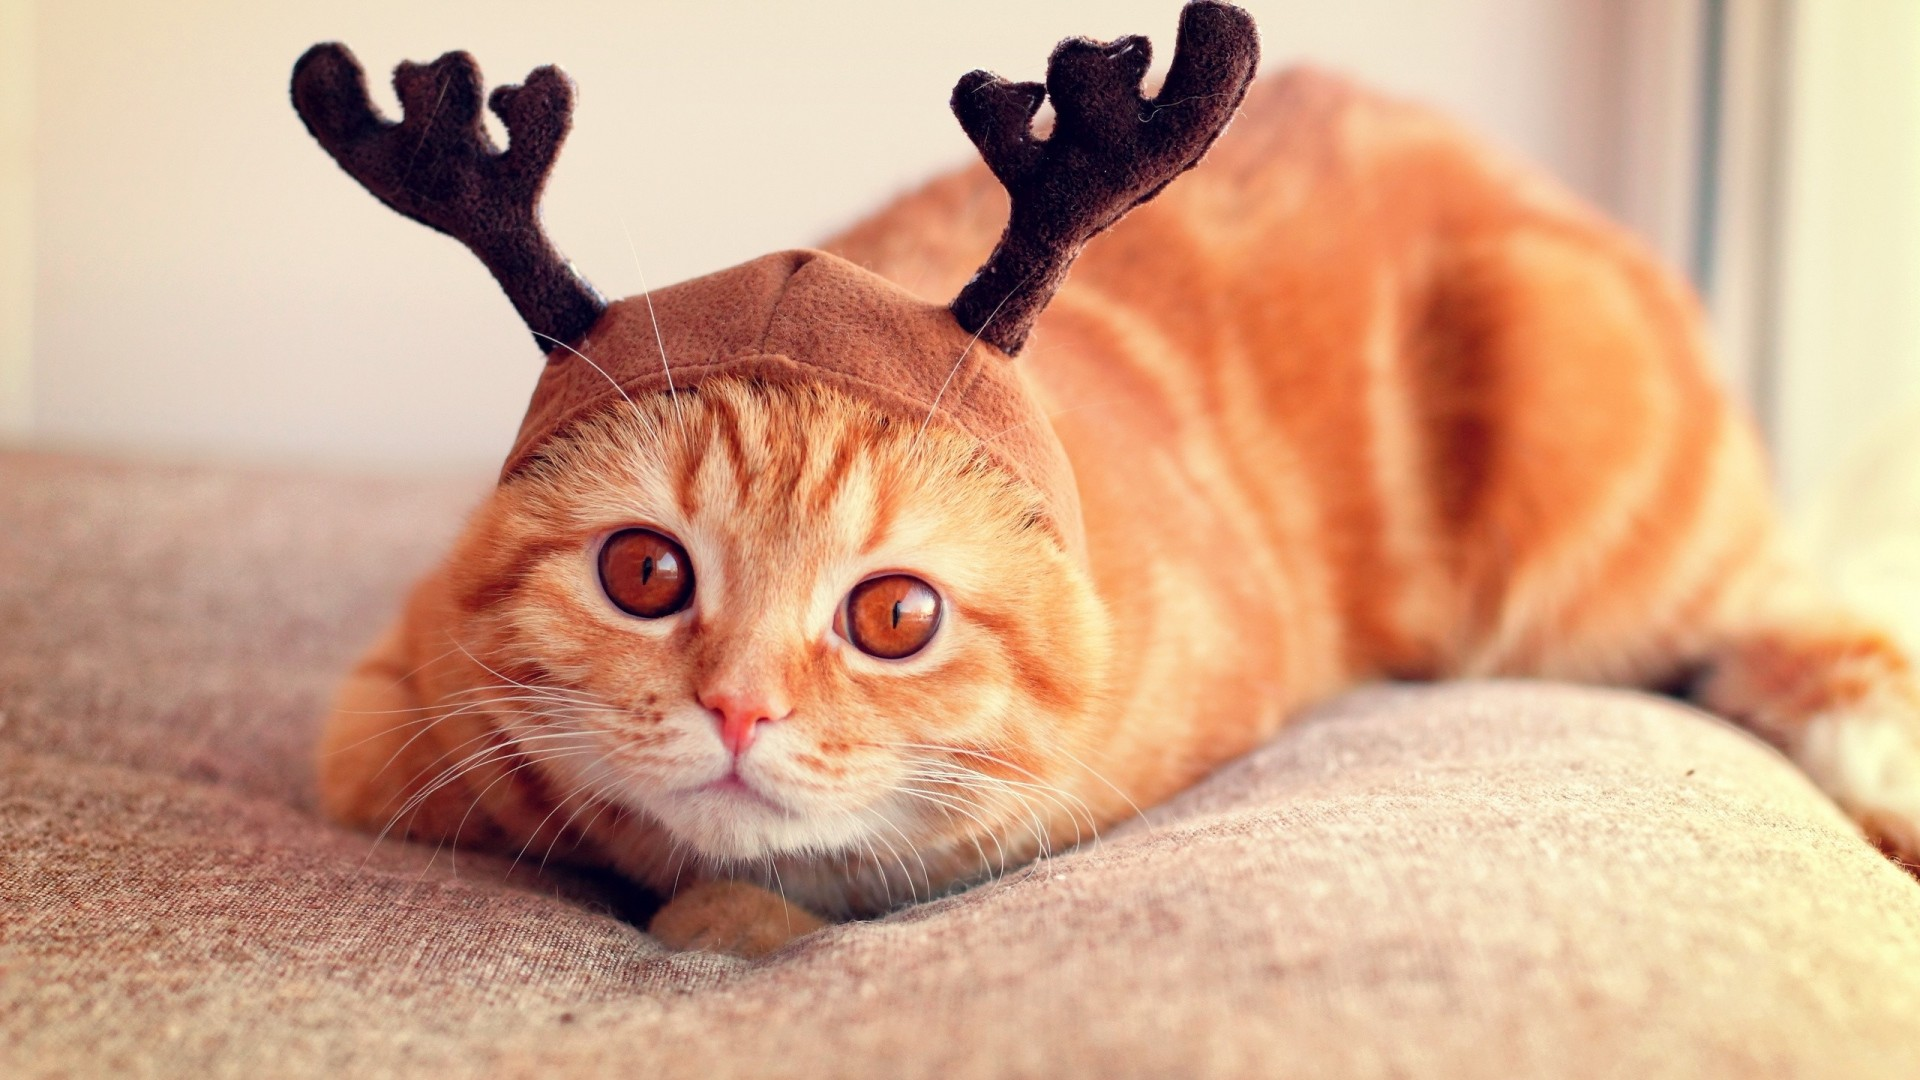 Download now full hd wallpaper christmas deer cat sofa …